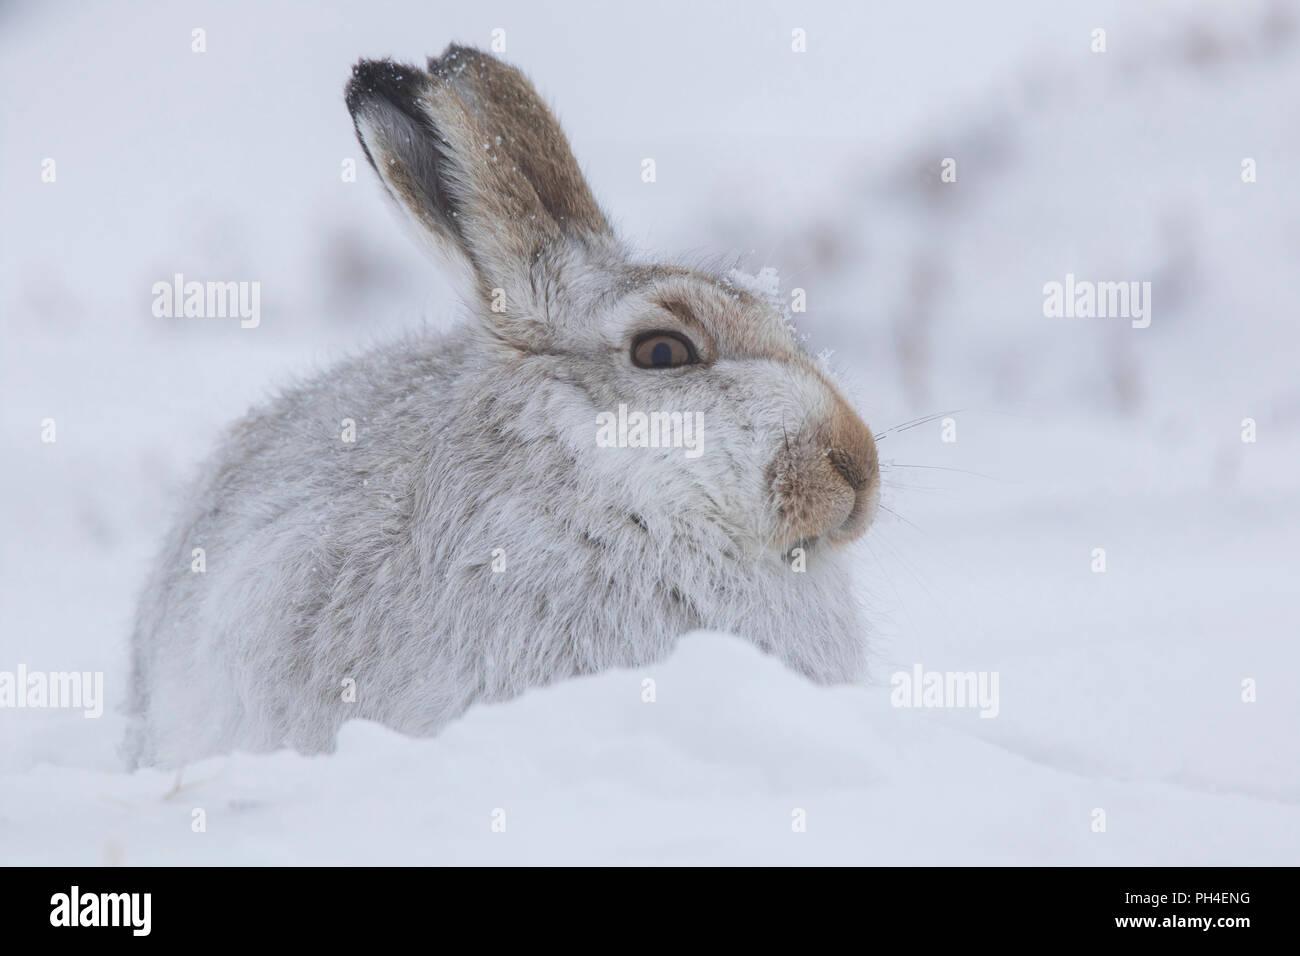 La liebre de montaña (Lepus timidus). Adulto en abrigo blanco (pelaje) en la nieve. El Parque Nacional de Cairngorms, Escocia Foto de stock